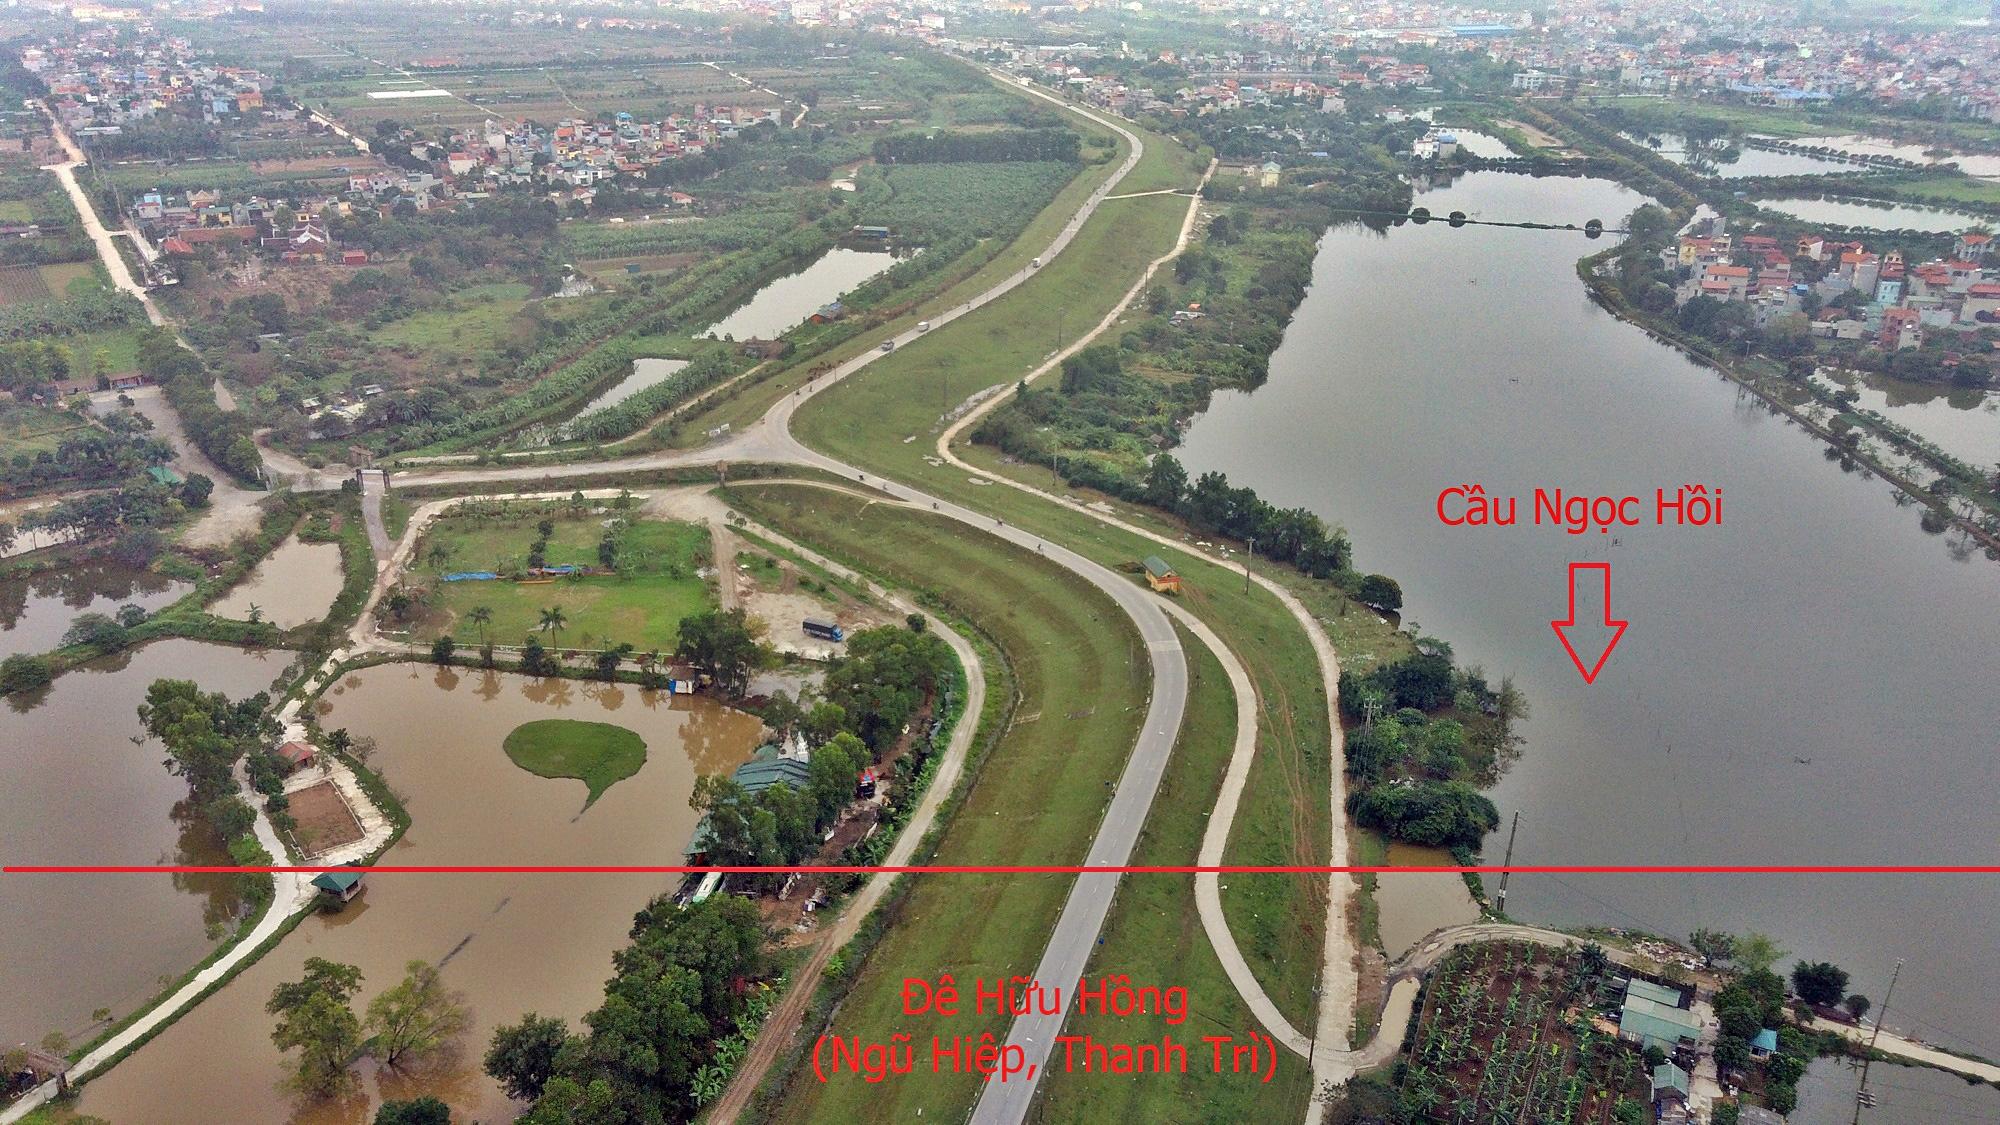 Cầu sẽ mở theo qui hoạch ở Hà Nội: Toàn cảnh cầu Ngọc Hồi nối Hà Nội với Hưng Yên - Ảnh 10.